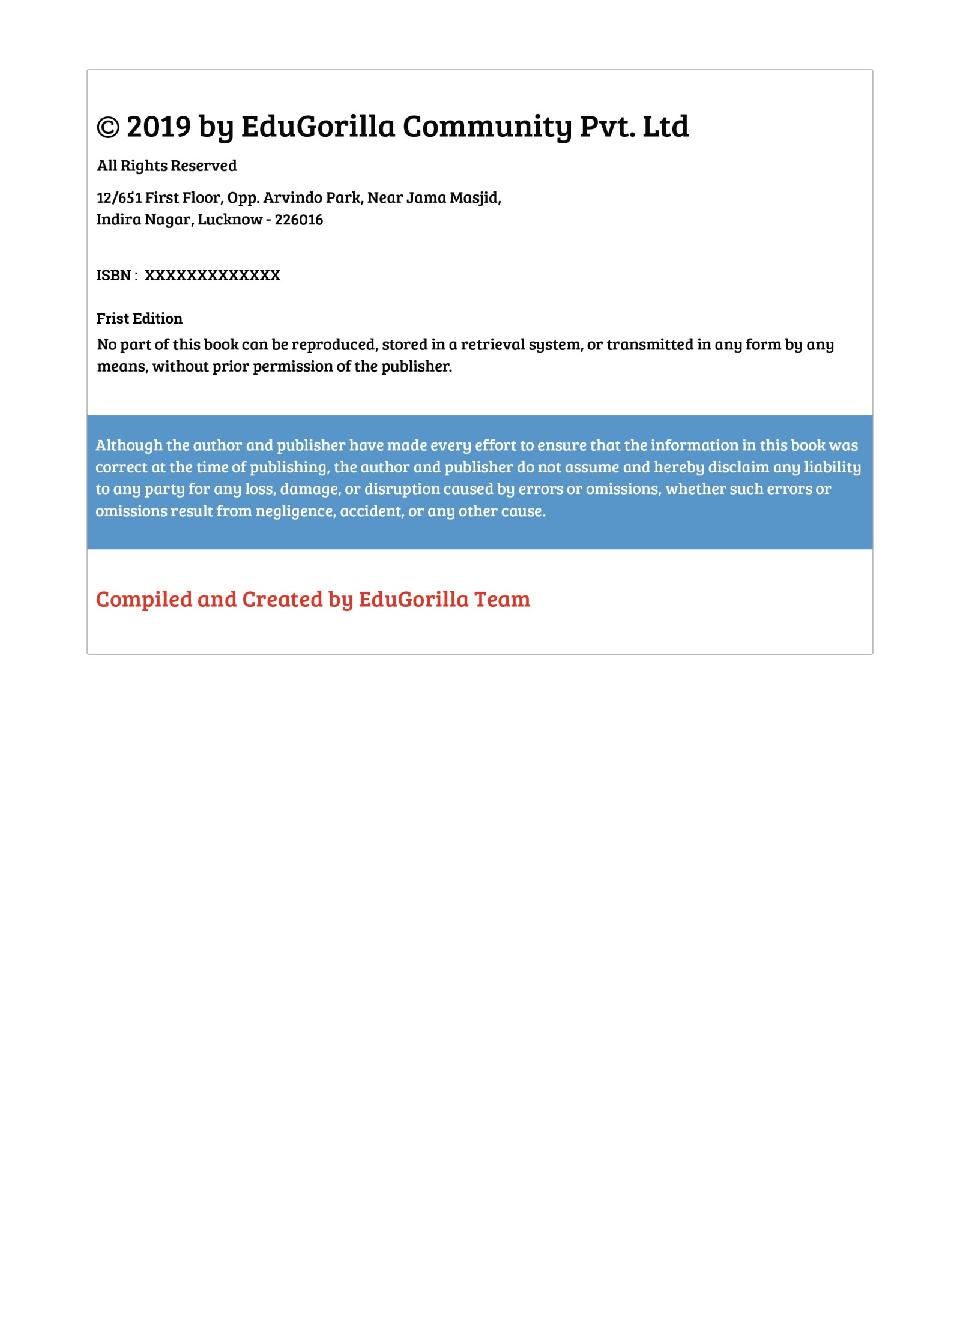 EduGorilla DRDO Trade Apprentice (Electrician) - 2020 - 15 Topicwise Tests - Page 4